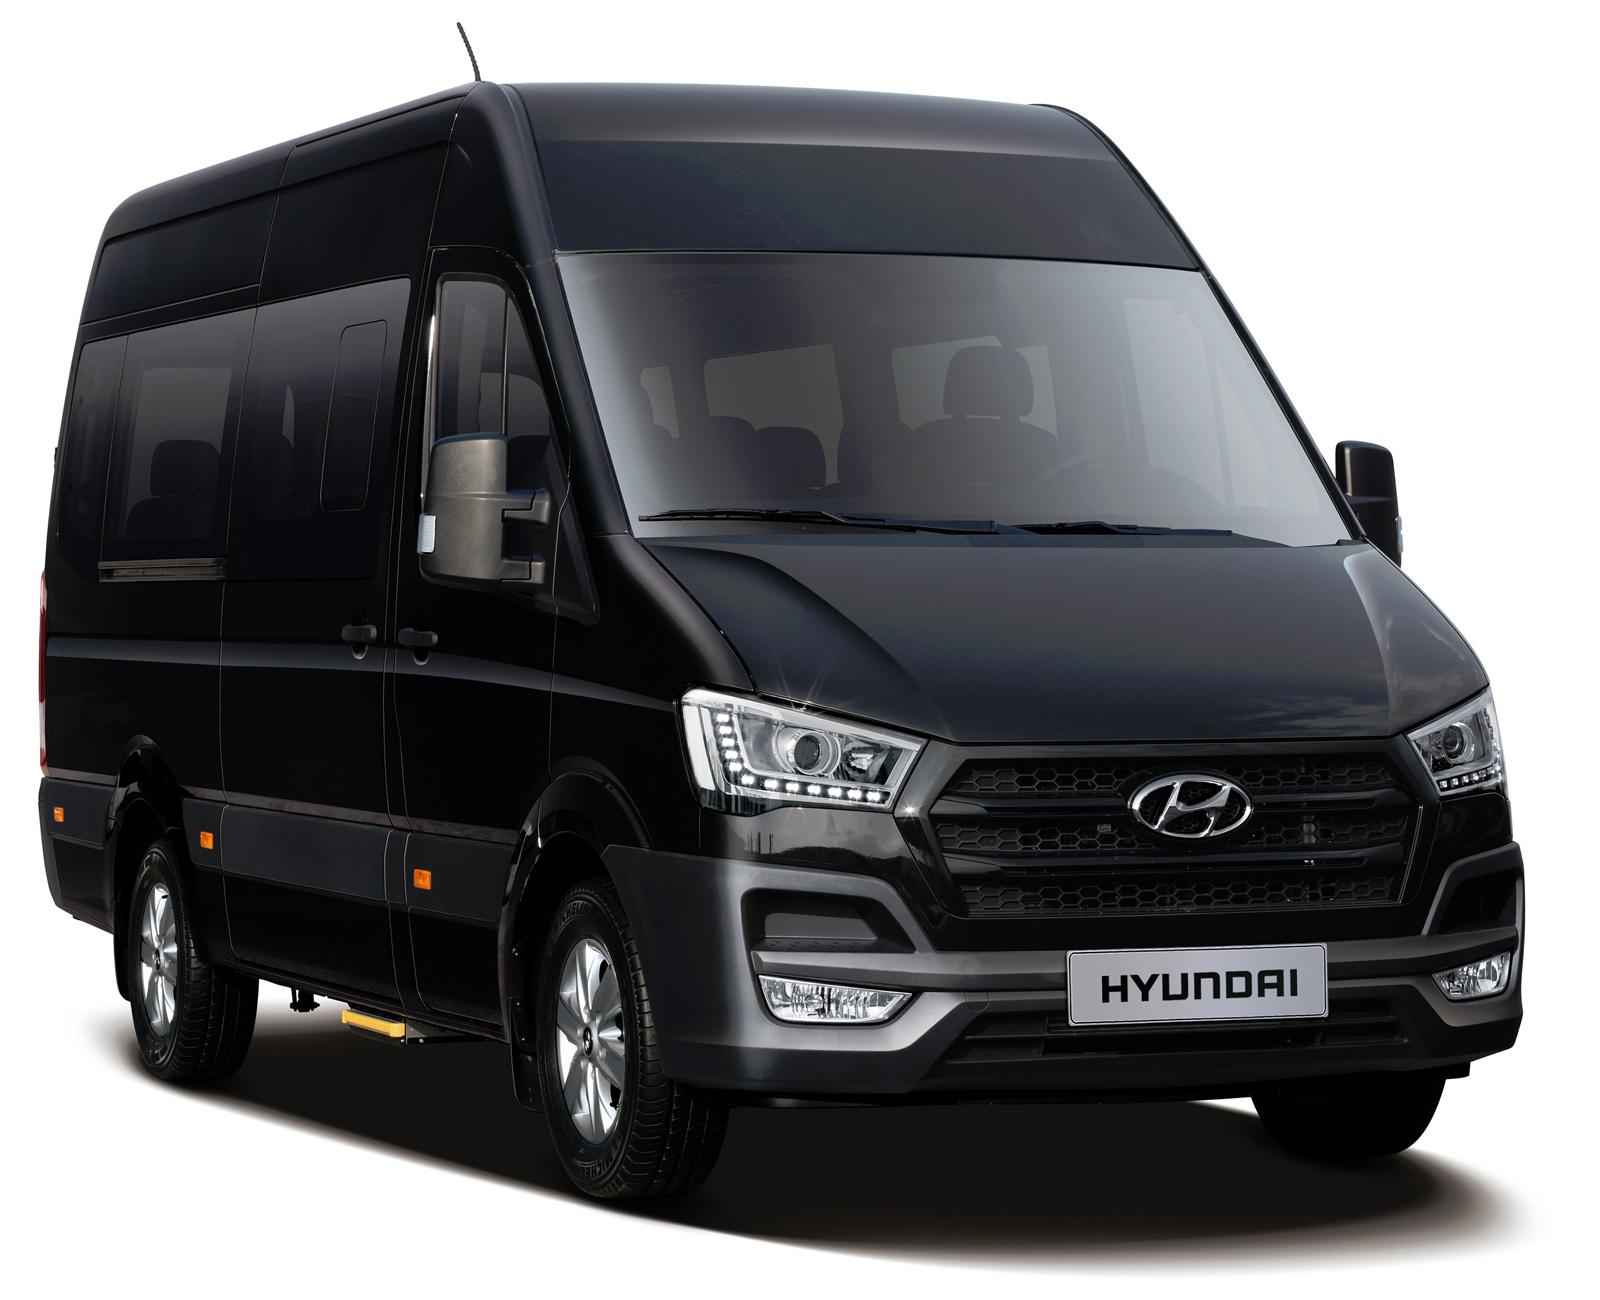 hyundai микроавтобус